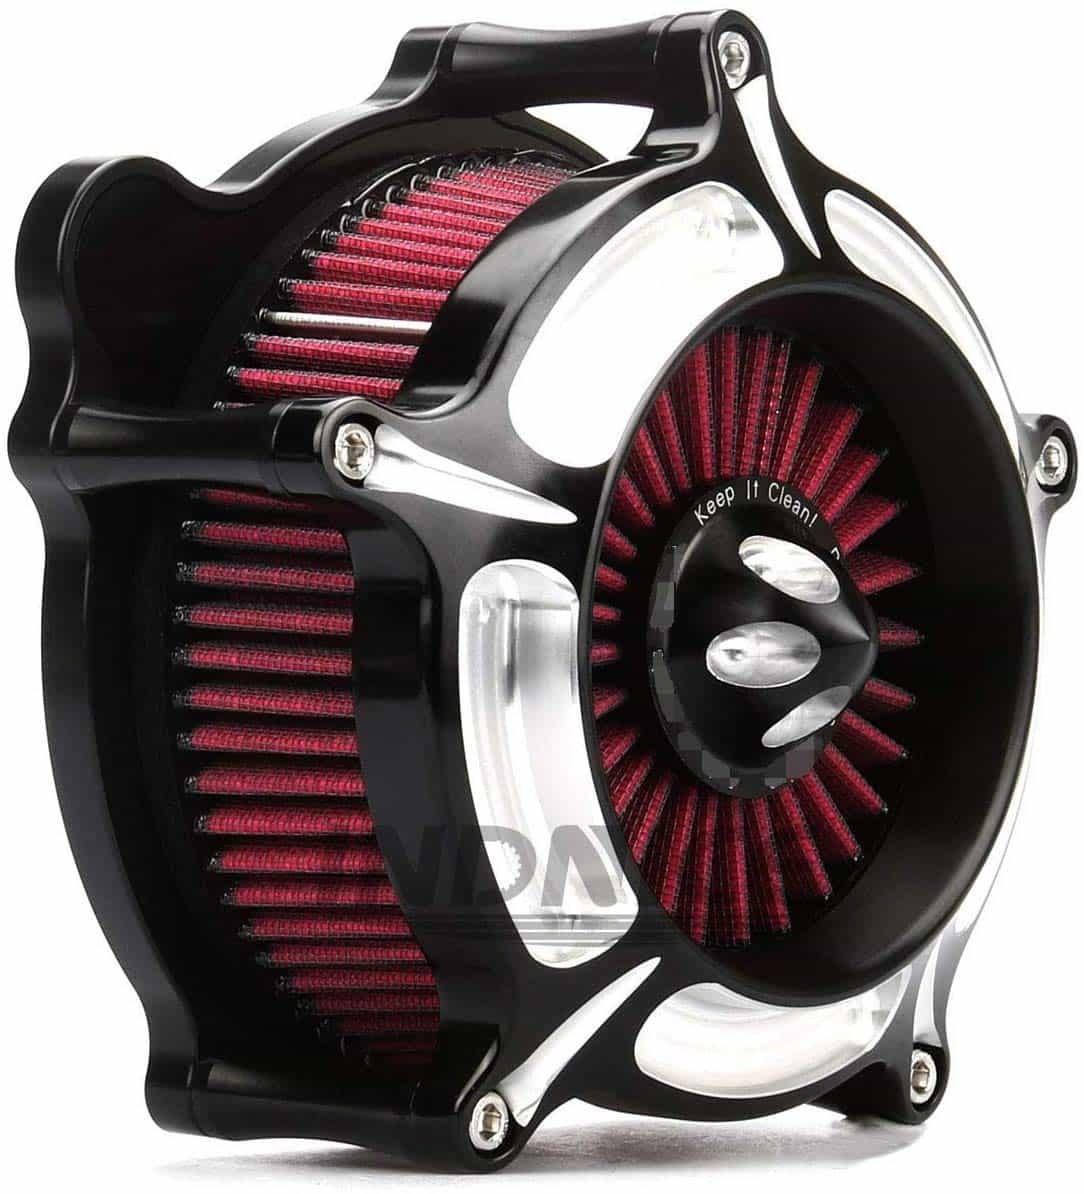 Turbine_Black_Edge_Cut_harley_Air_Cleaner_street_glide_air_filter